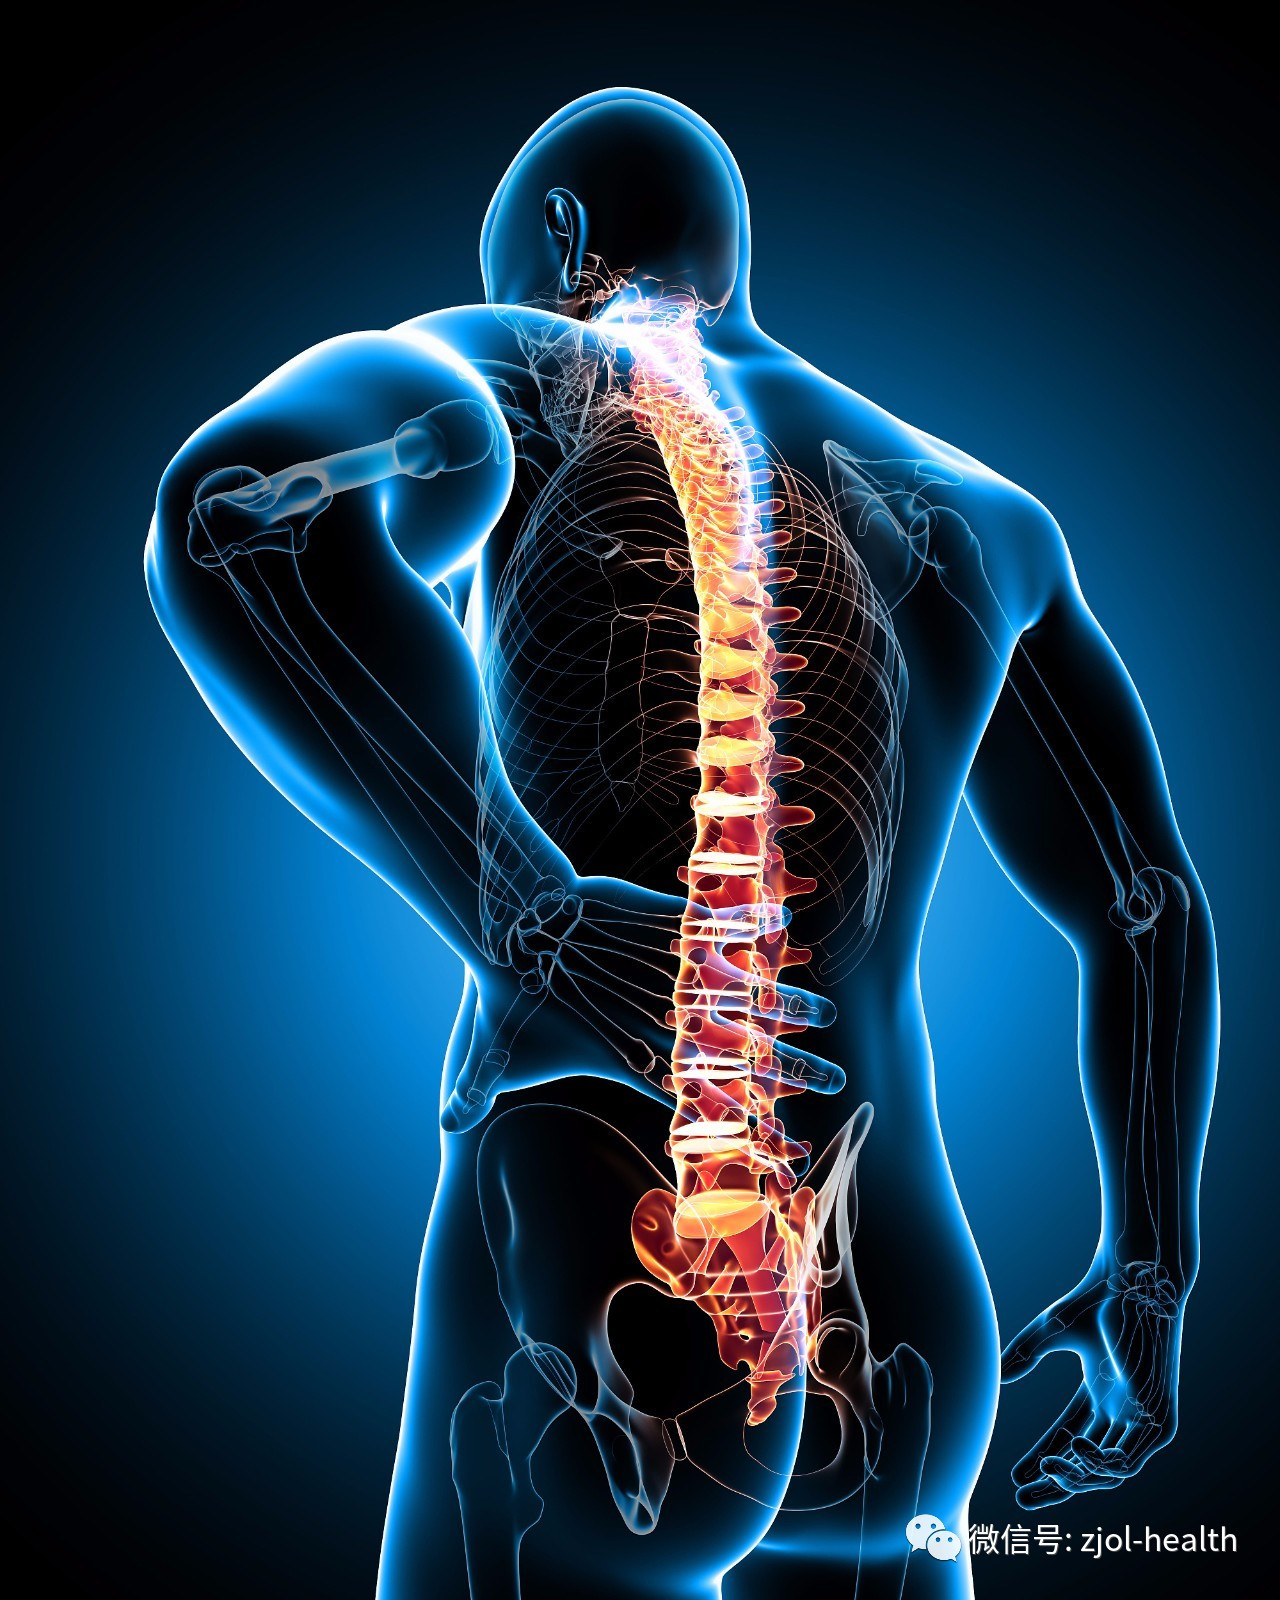 腰椎间盘突出位置图